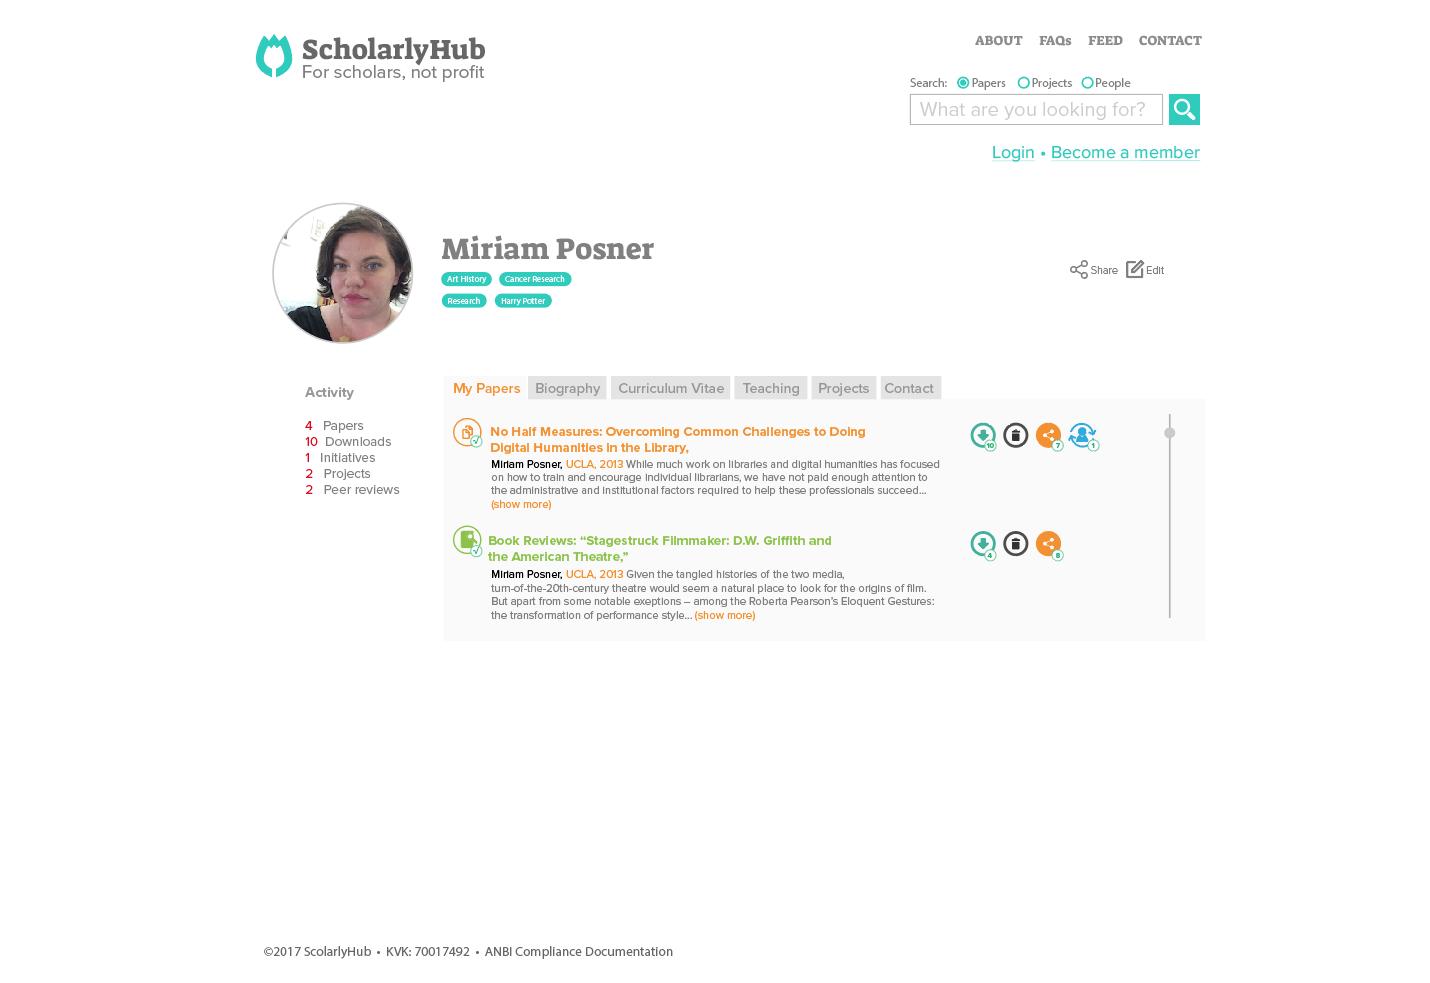 A Scholar's Profile